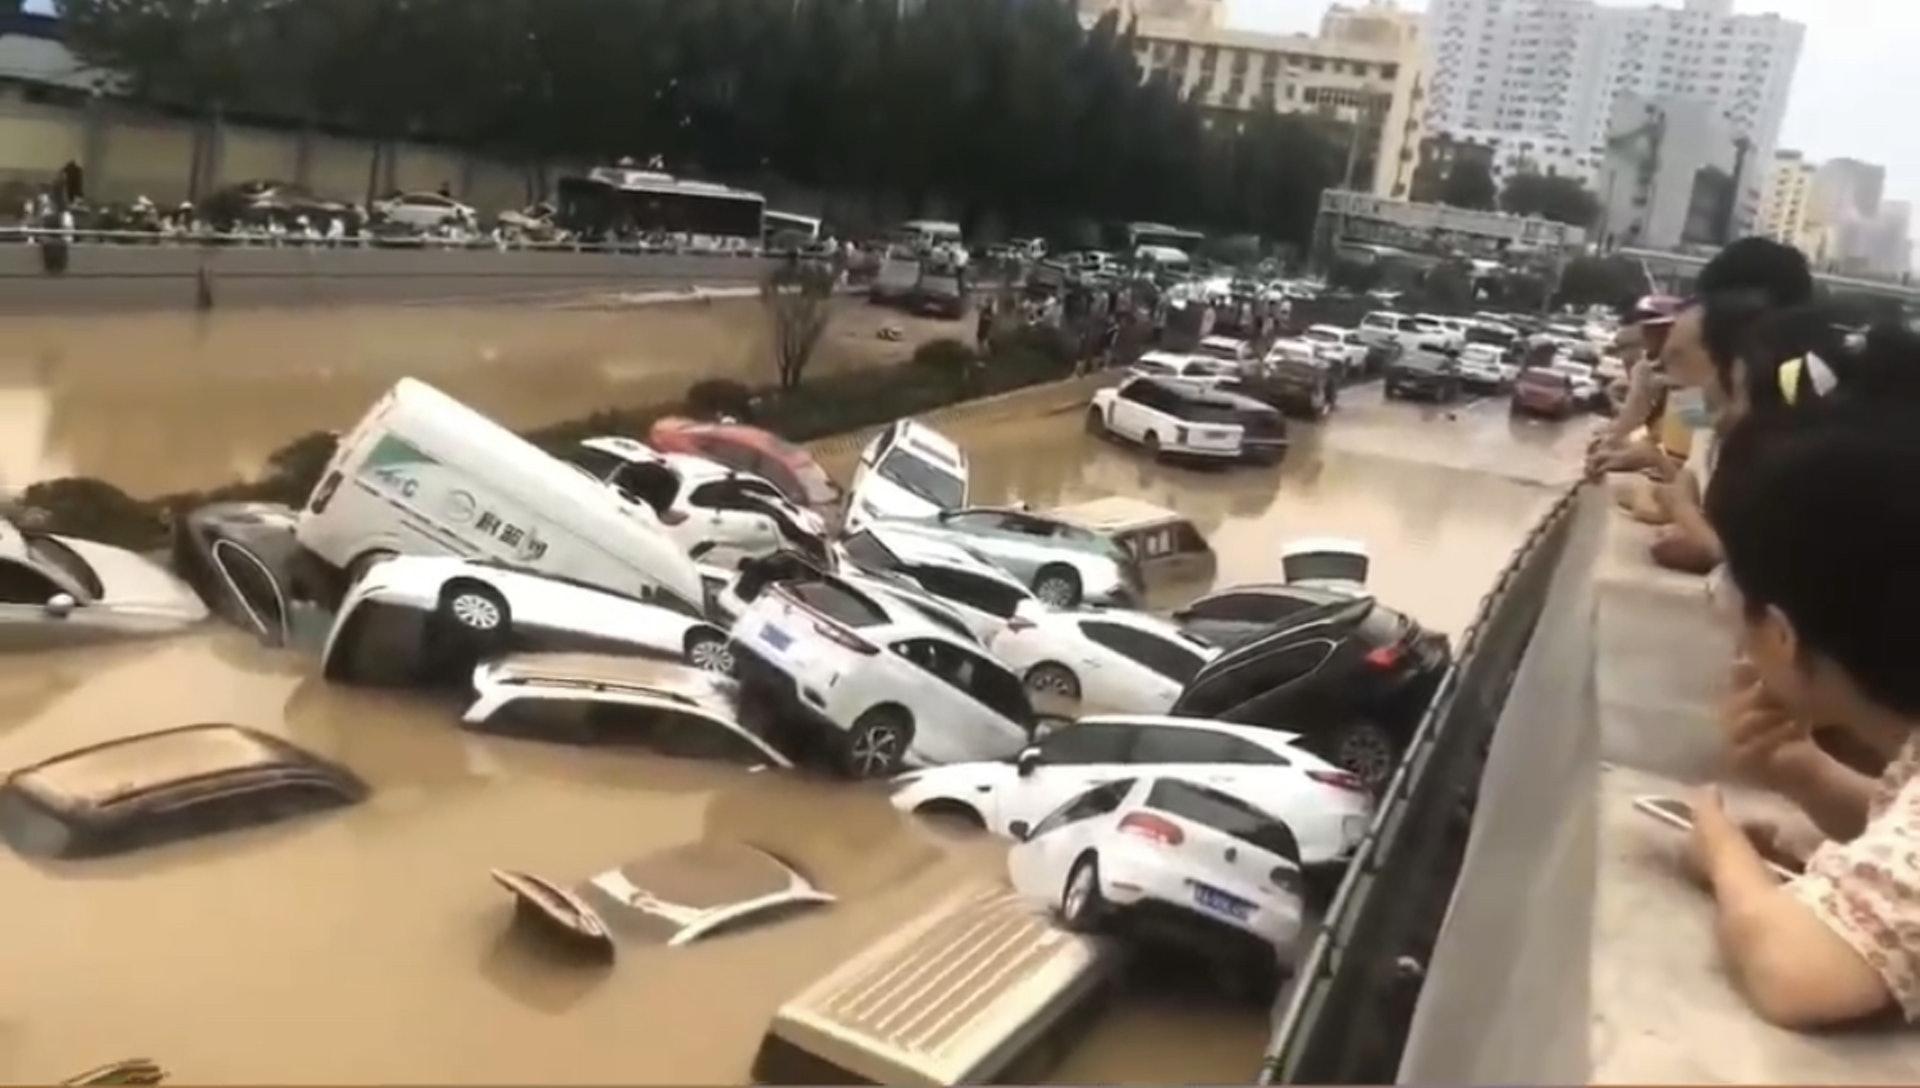 鄭州暴雨 京廣路隧道被淹已致兩死失蹤少年母深夜苦守現場 香港01 即時中國